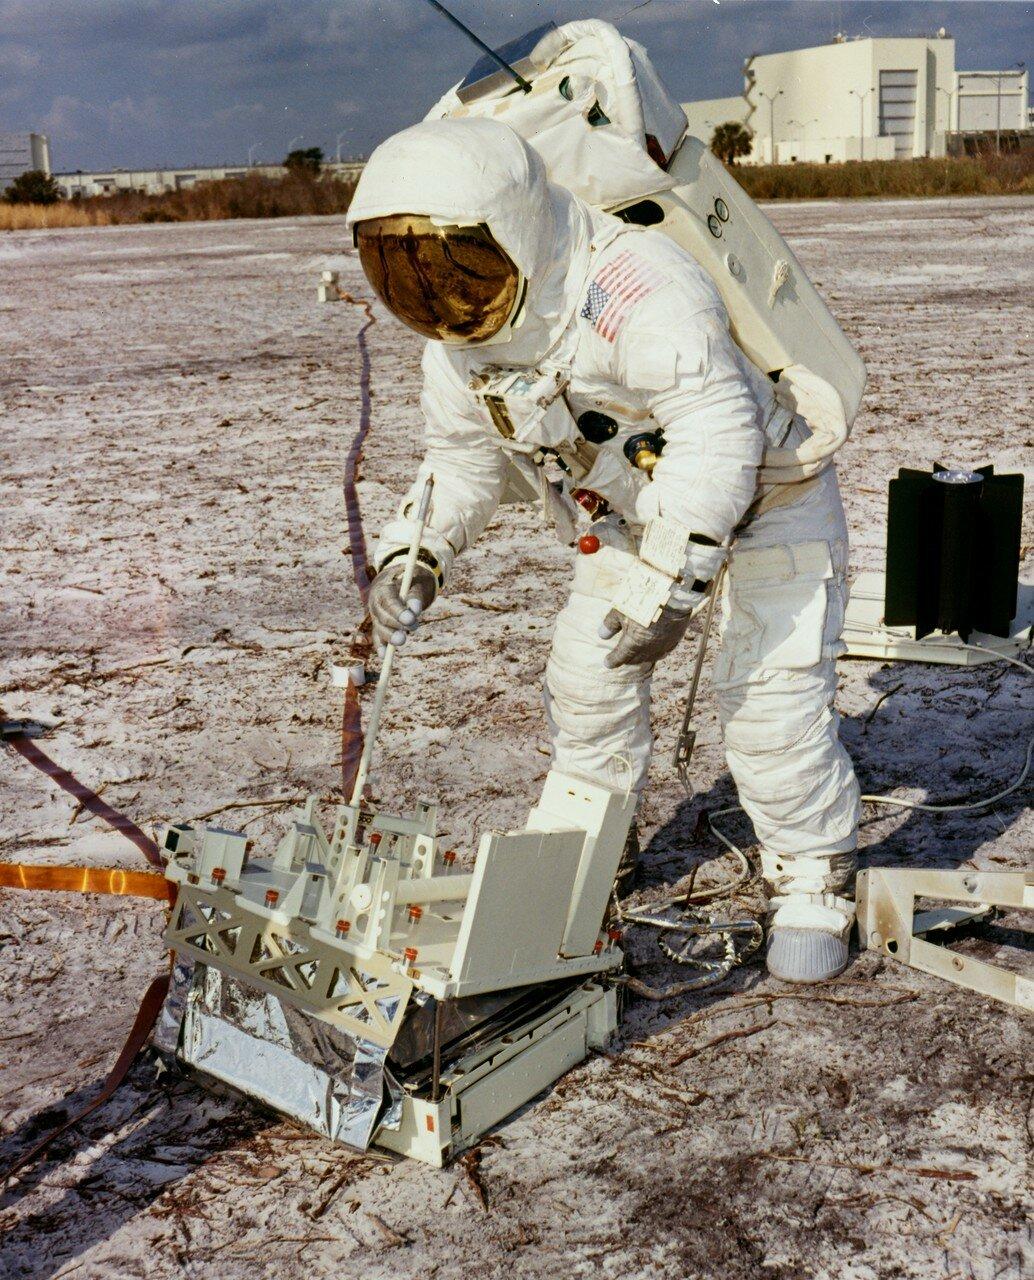 Ловелл был опытным астронавтом. На тот момент он имел за плечами программу Джемини и миссию Аполлон-8, где был пилотом командного модуля. Ловелл был первым, кто летел к Луне во второй раз. Он также первый человек, летевший в четвёртый космический полёт